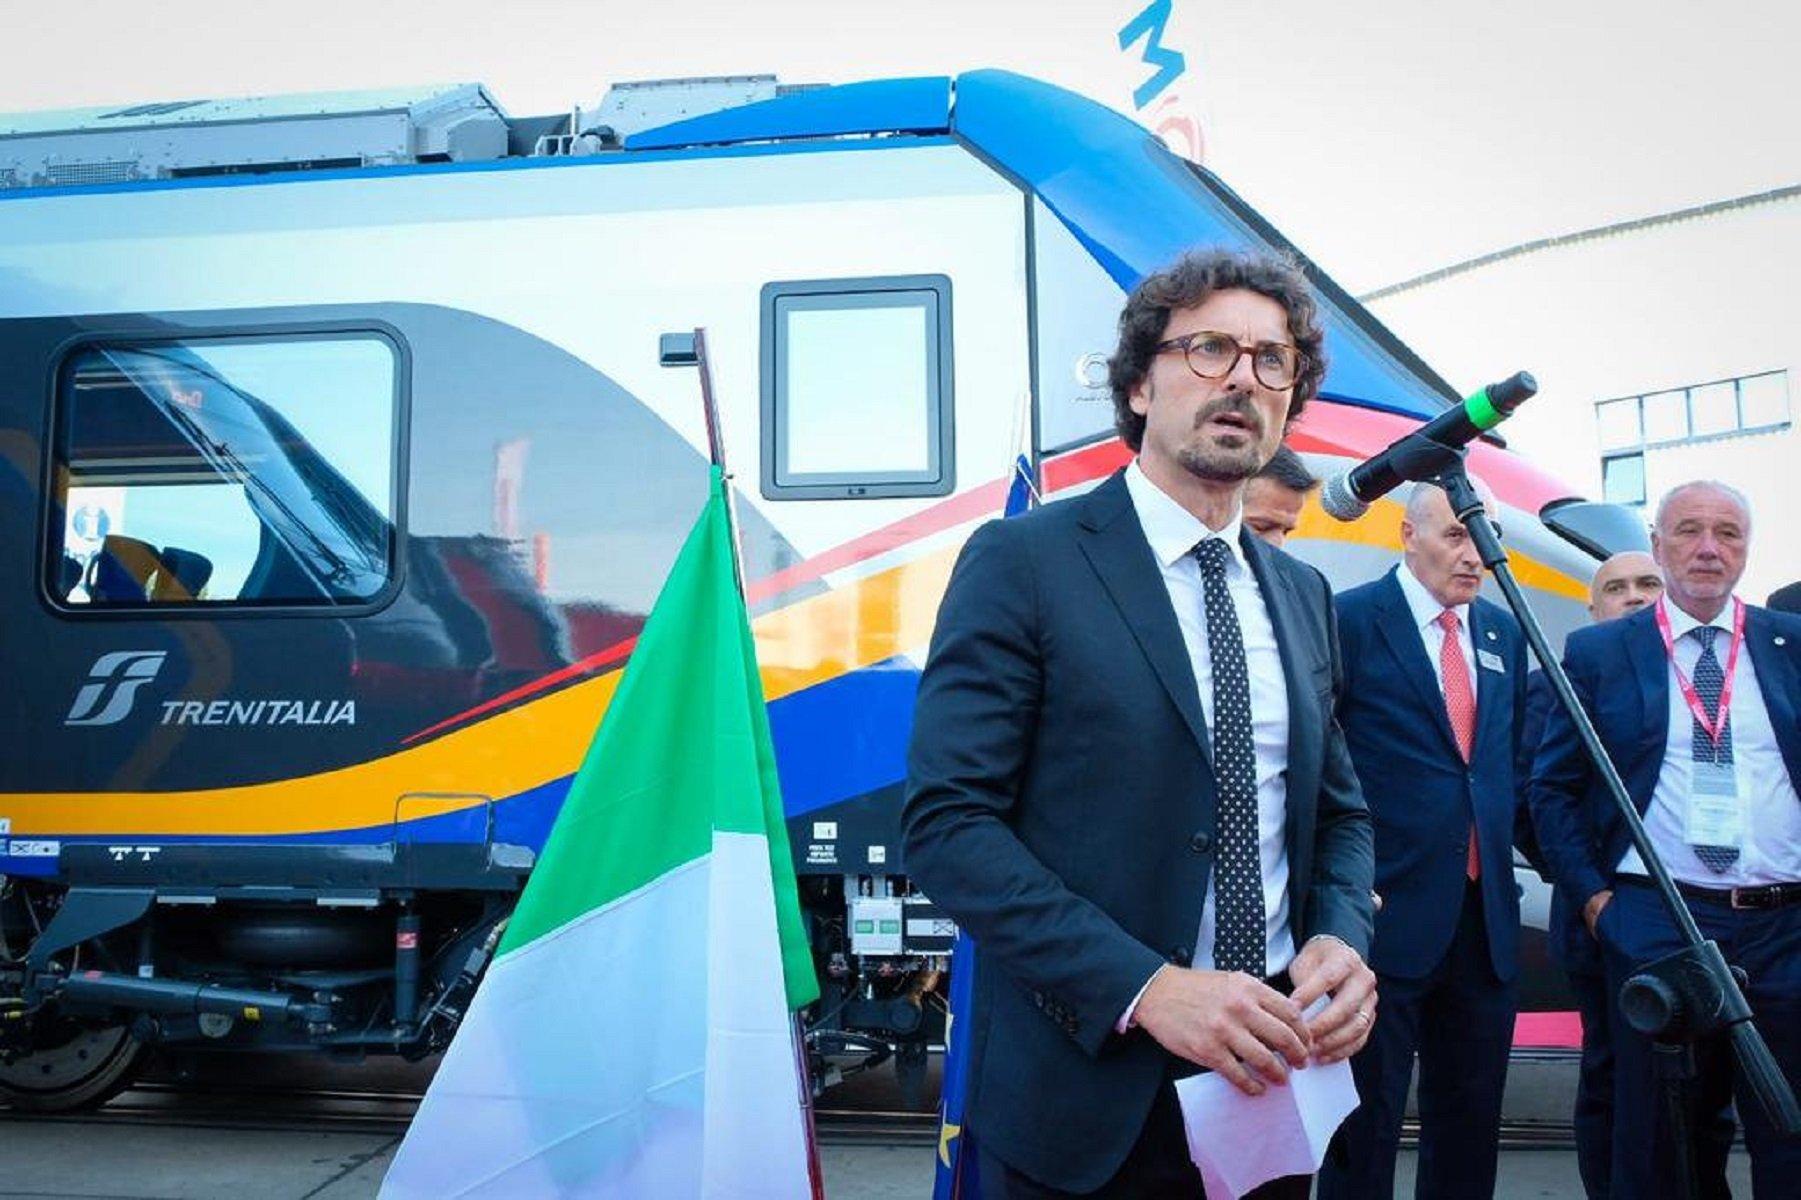 ministre transport itàlia Danilo Toninelli - @DaniloToninelli